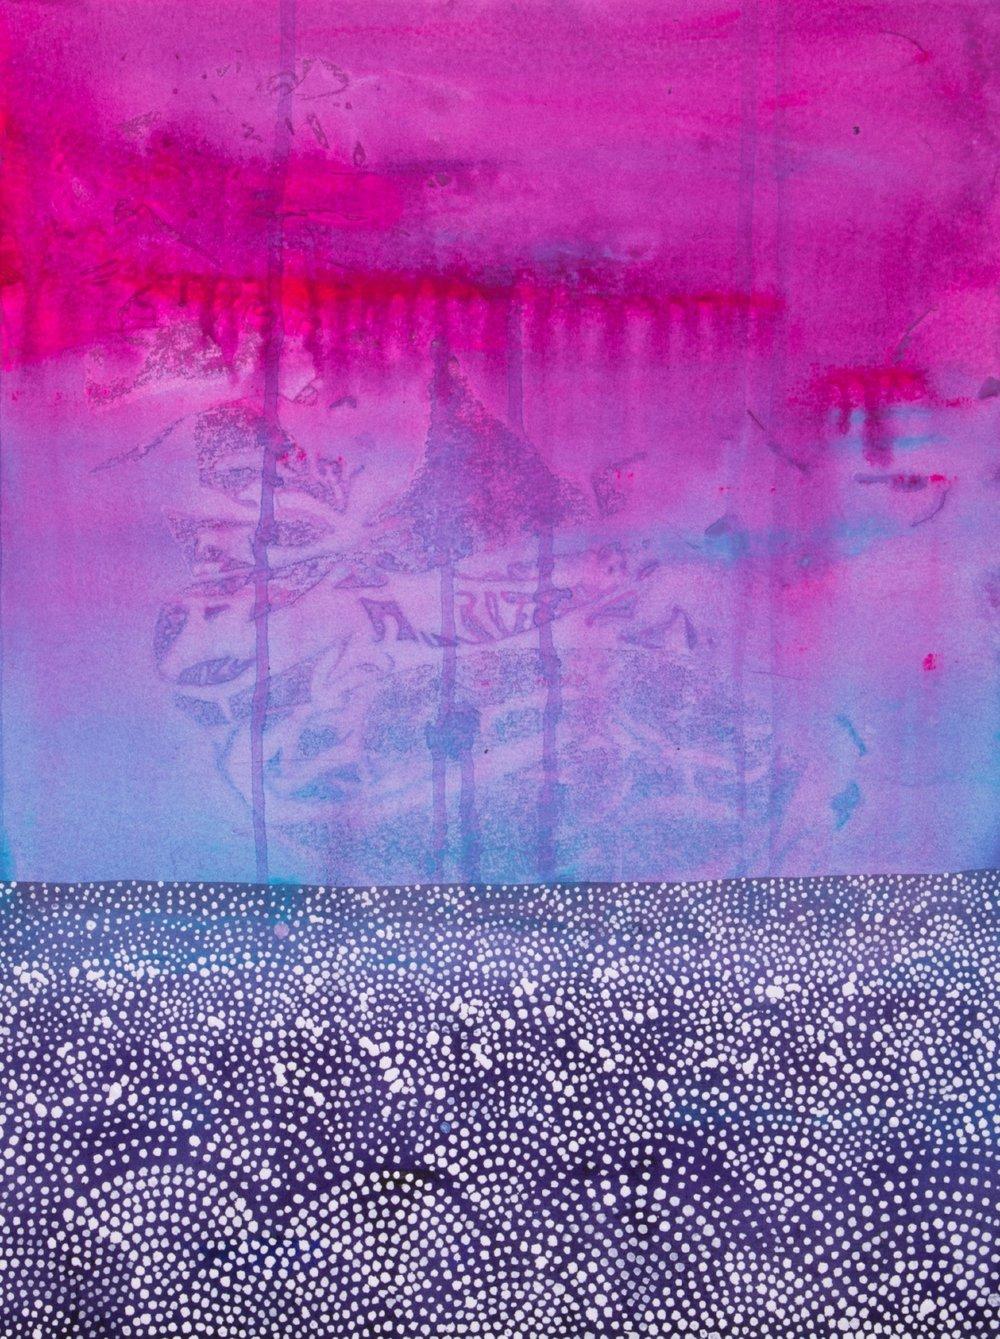 The Neon Sky by Helen Wells